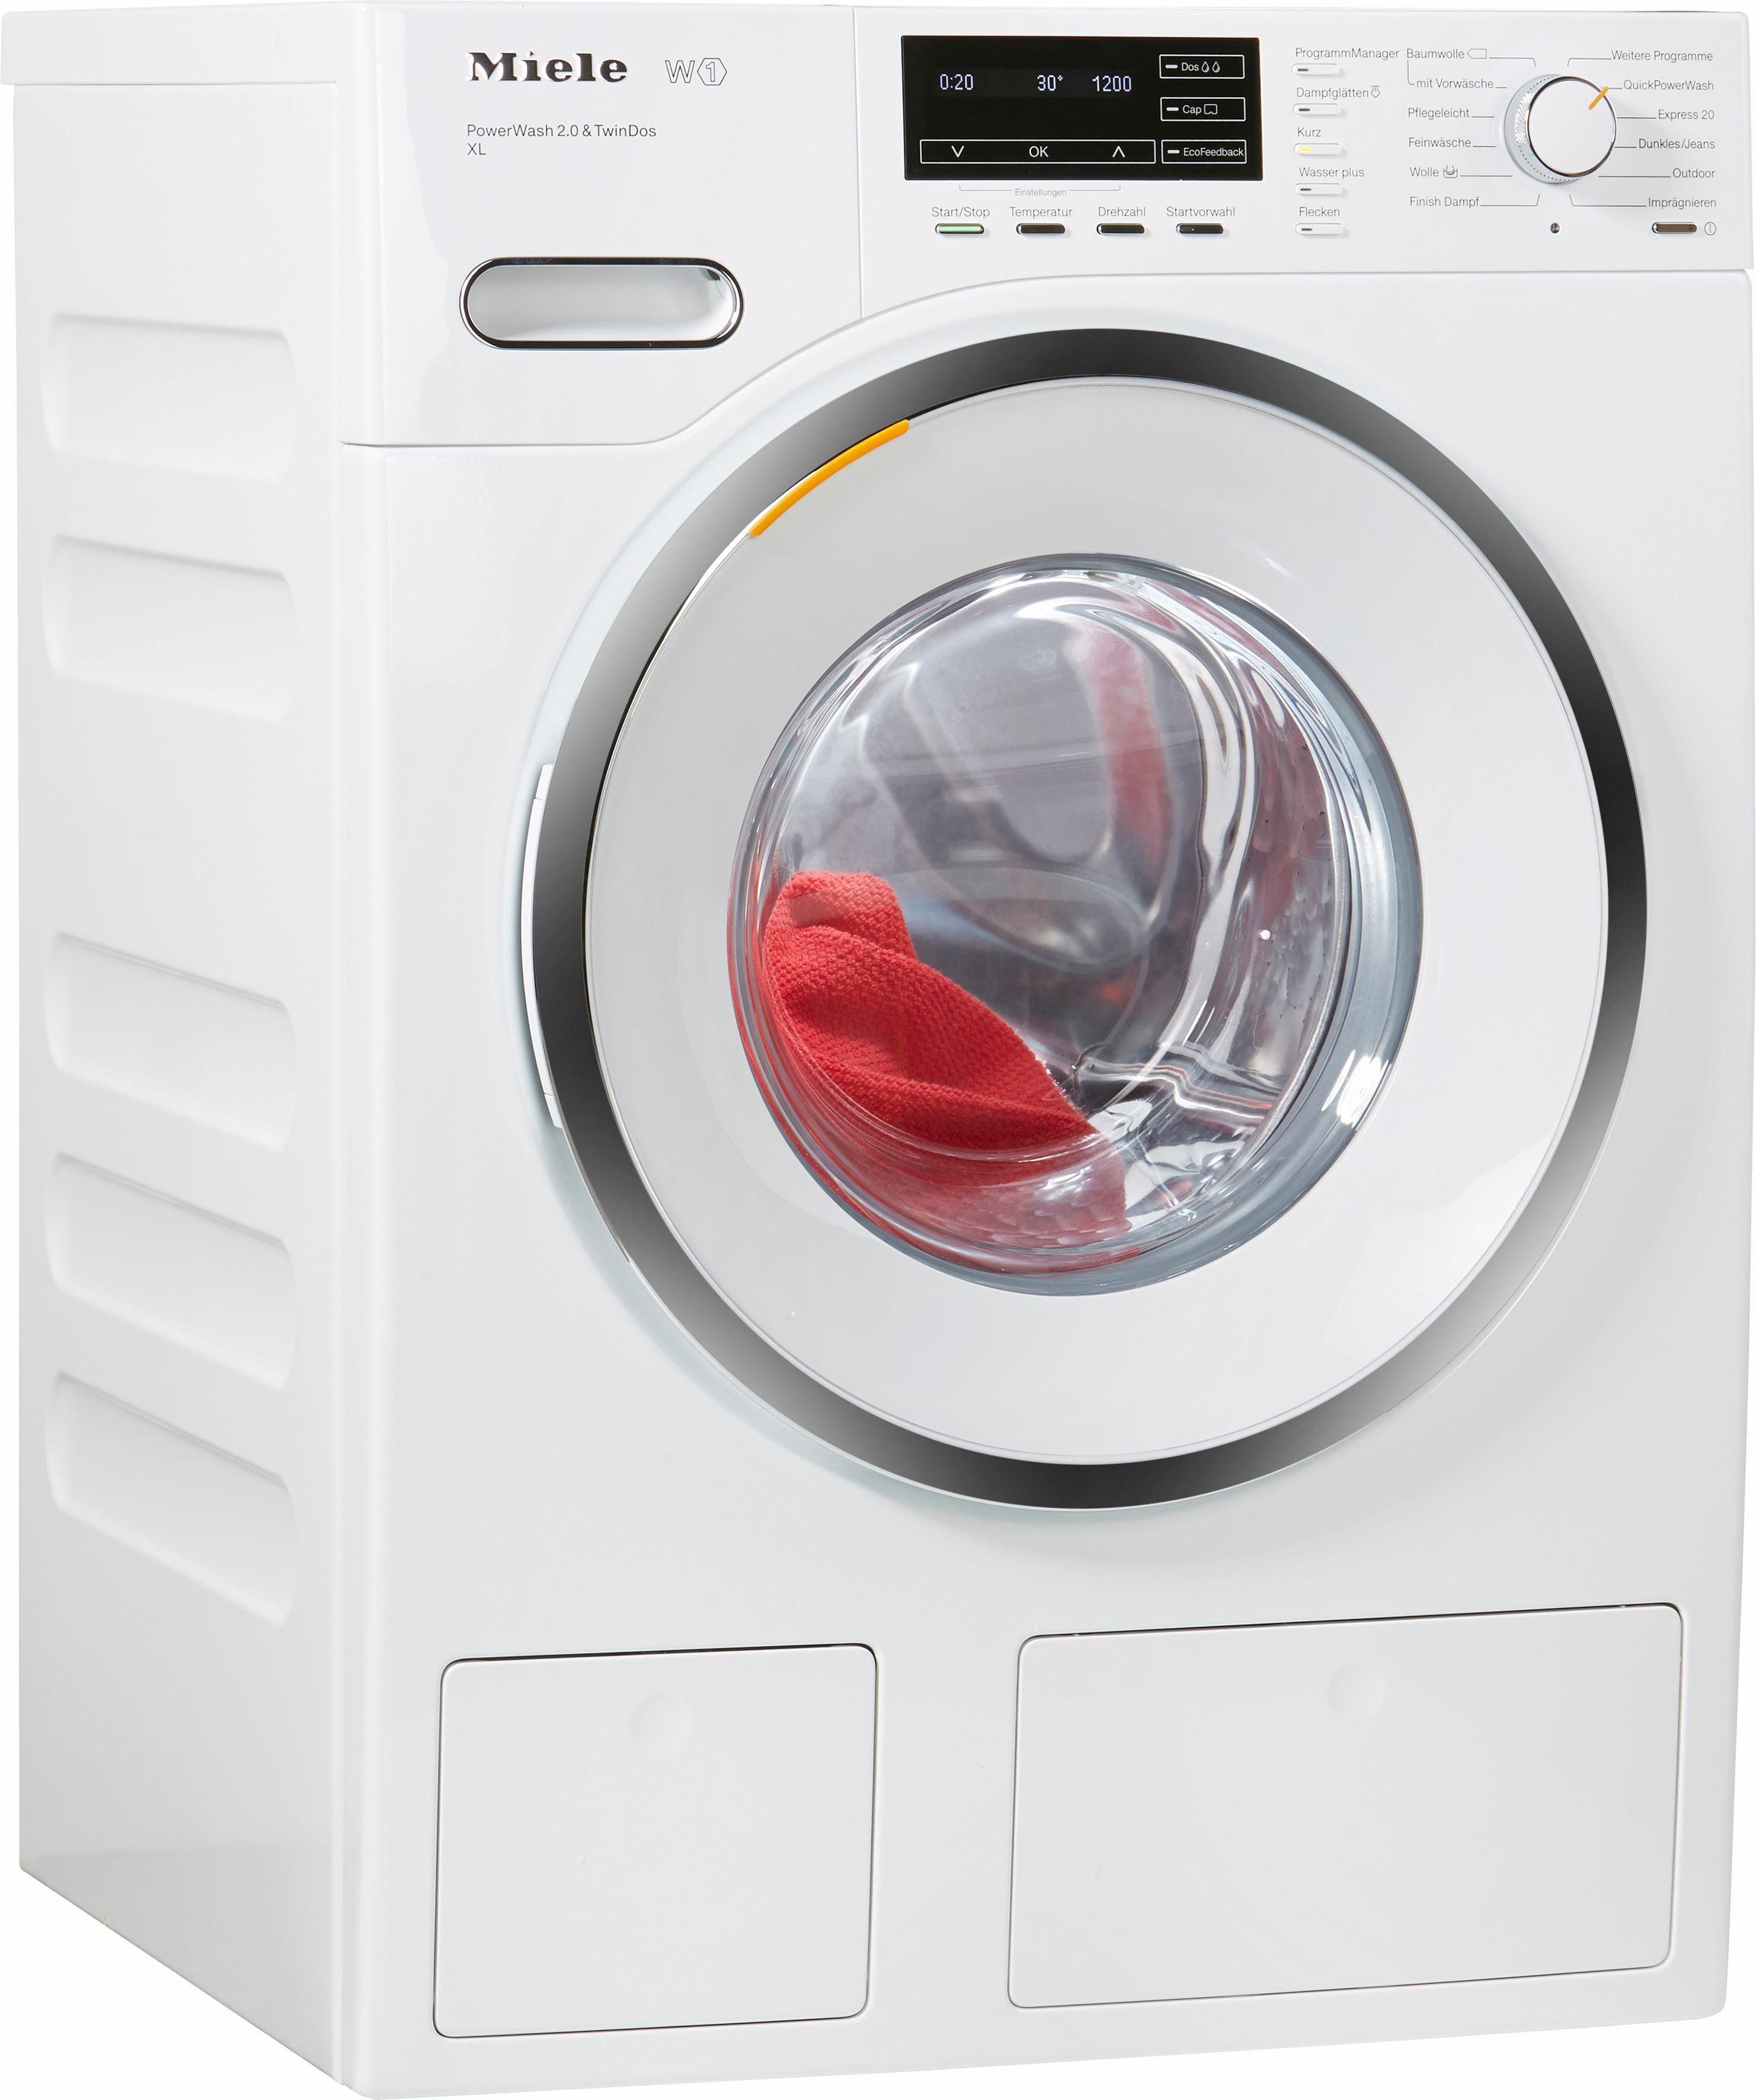 MIELE Waschmaschine WMH262WPS PWash2.0&TDos XL D, A+++, 9 kg, 1600 U/Min